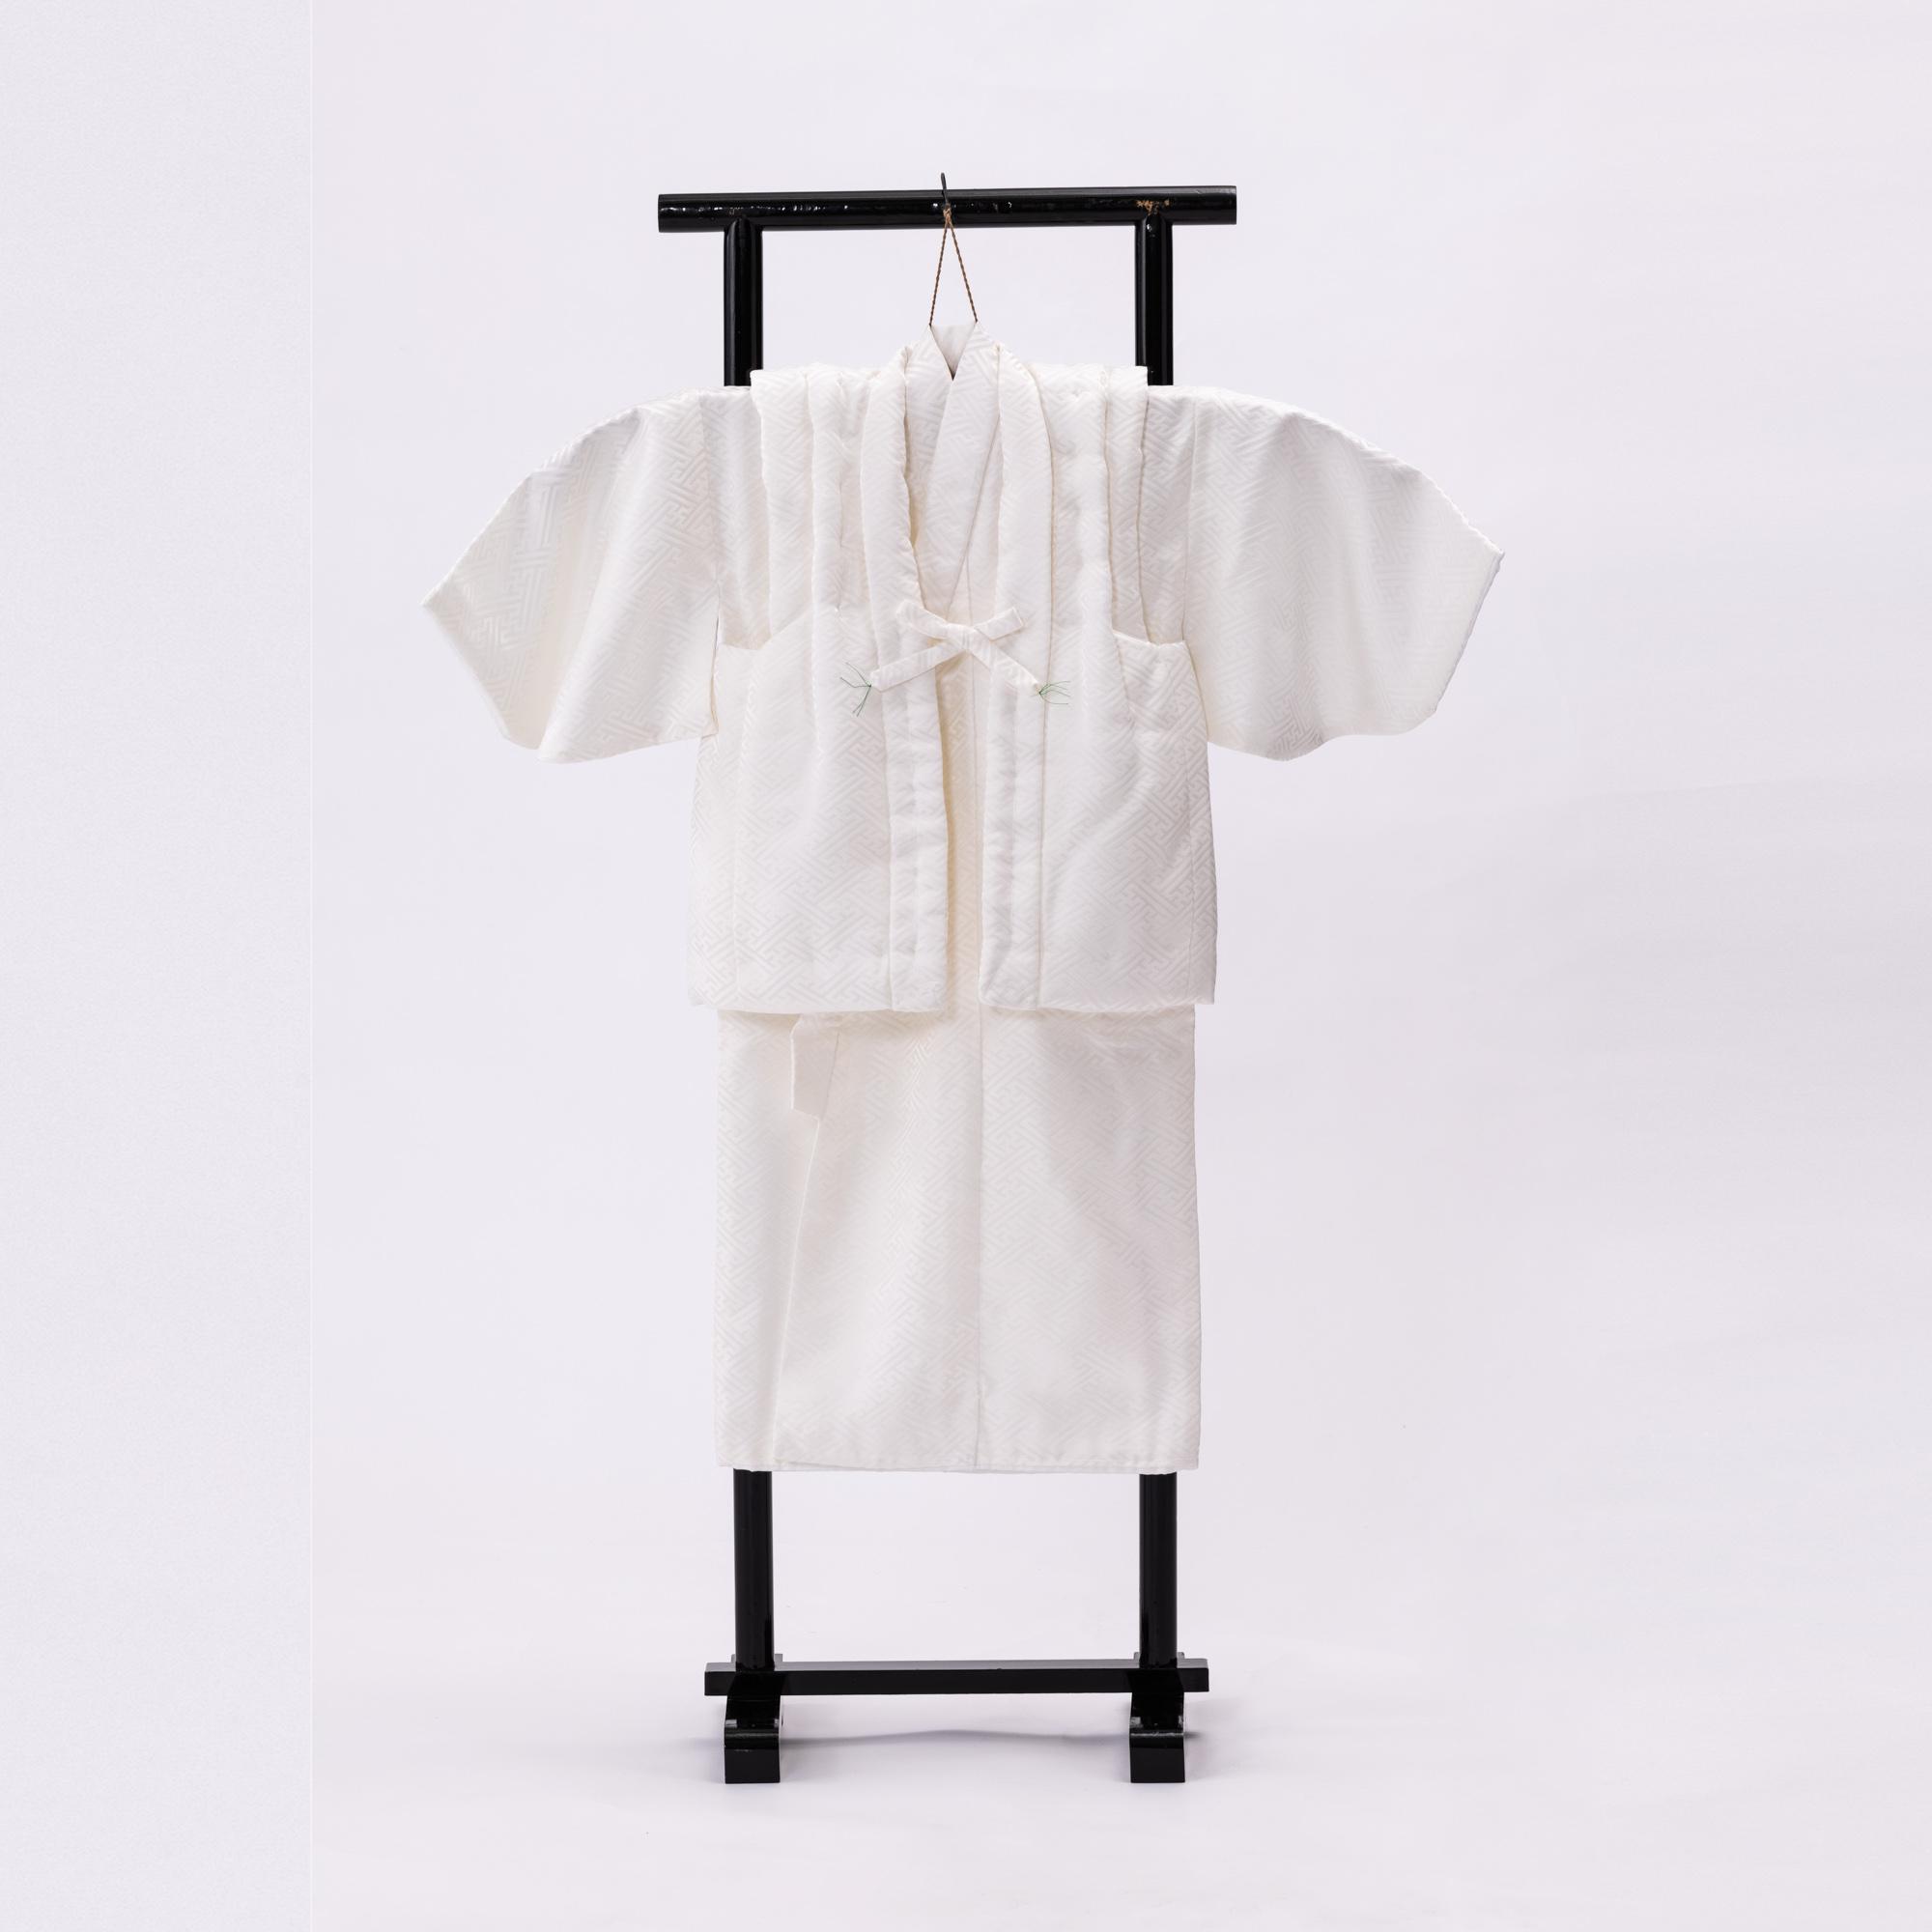 誕生祝い【正絹】白内着 でんちセット